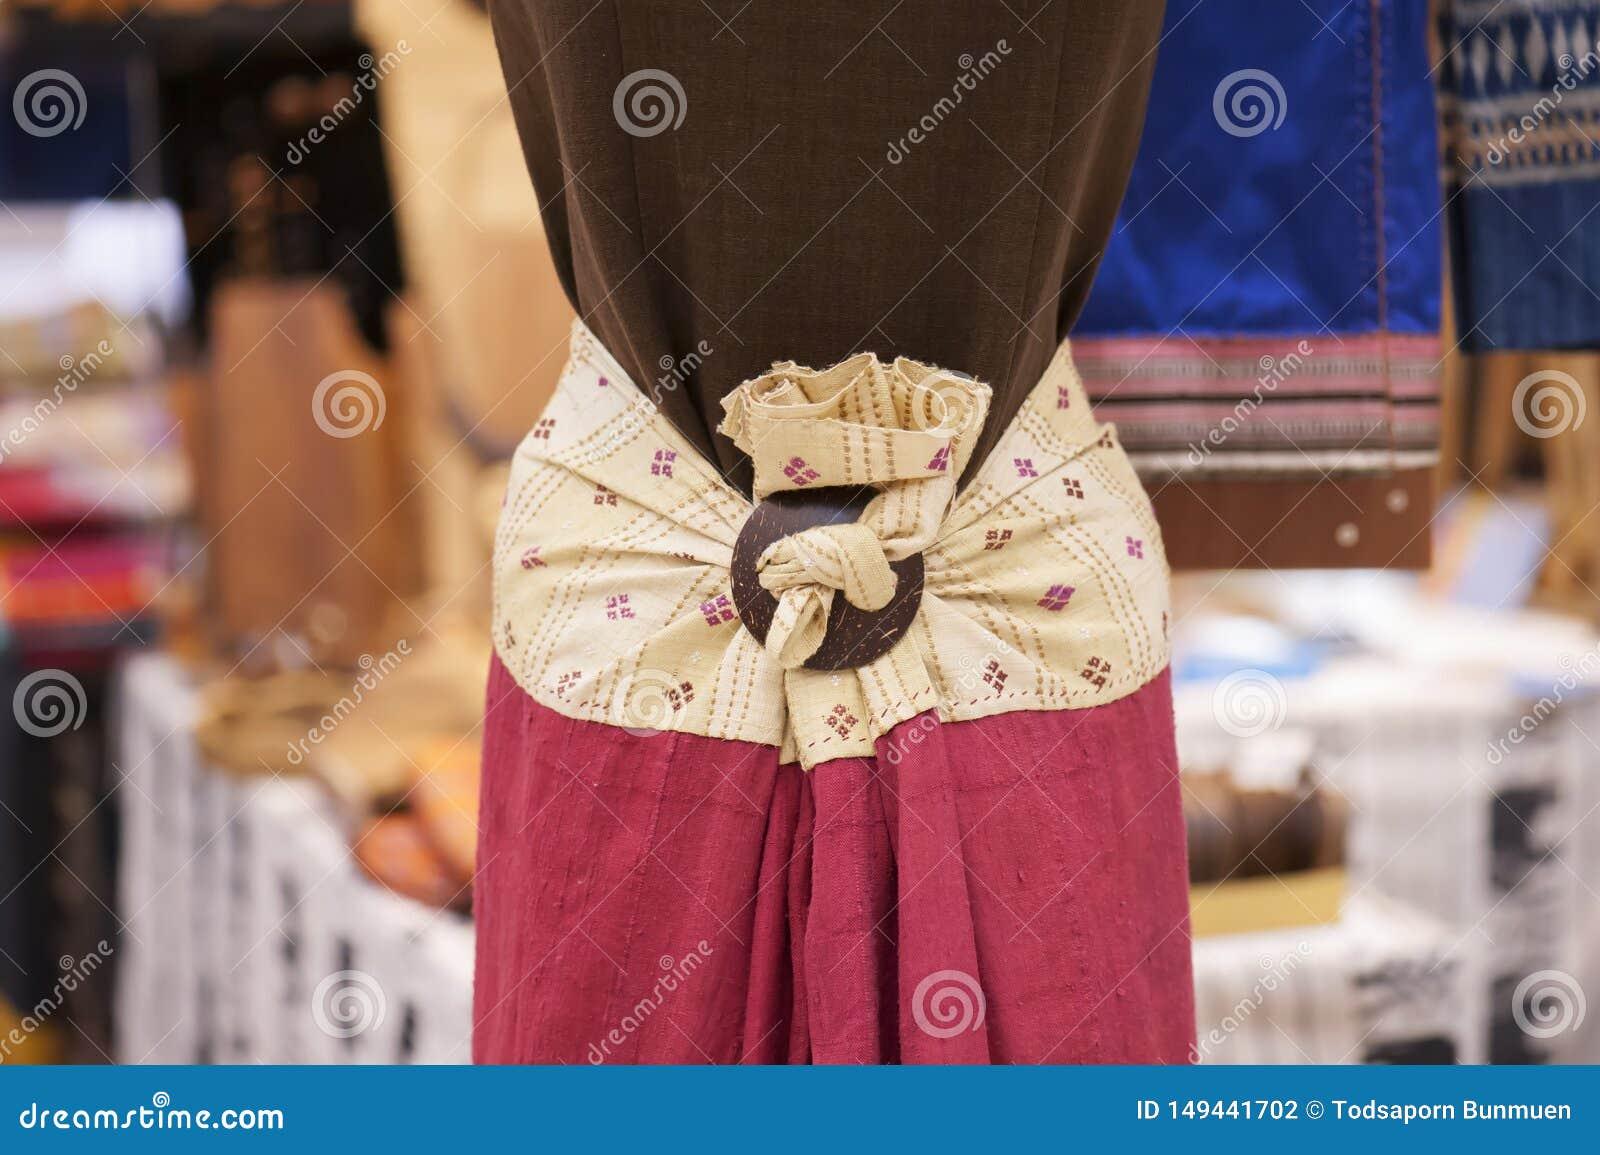 Skyltdockor visar den b?rande hand-v?vde siden- kl?nningen: Lokal bomull v?vd upps?ttning i Thailand i den nordliga regionen